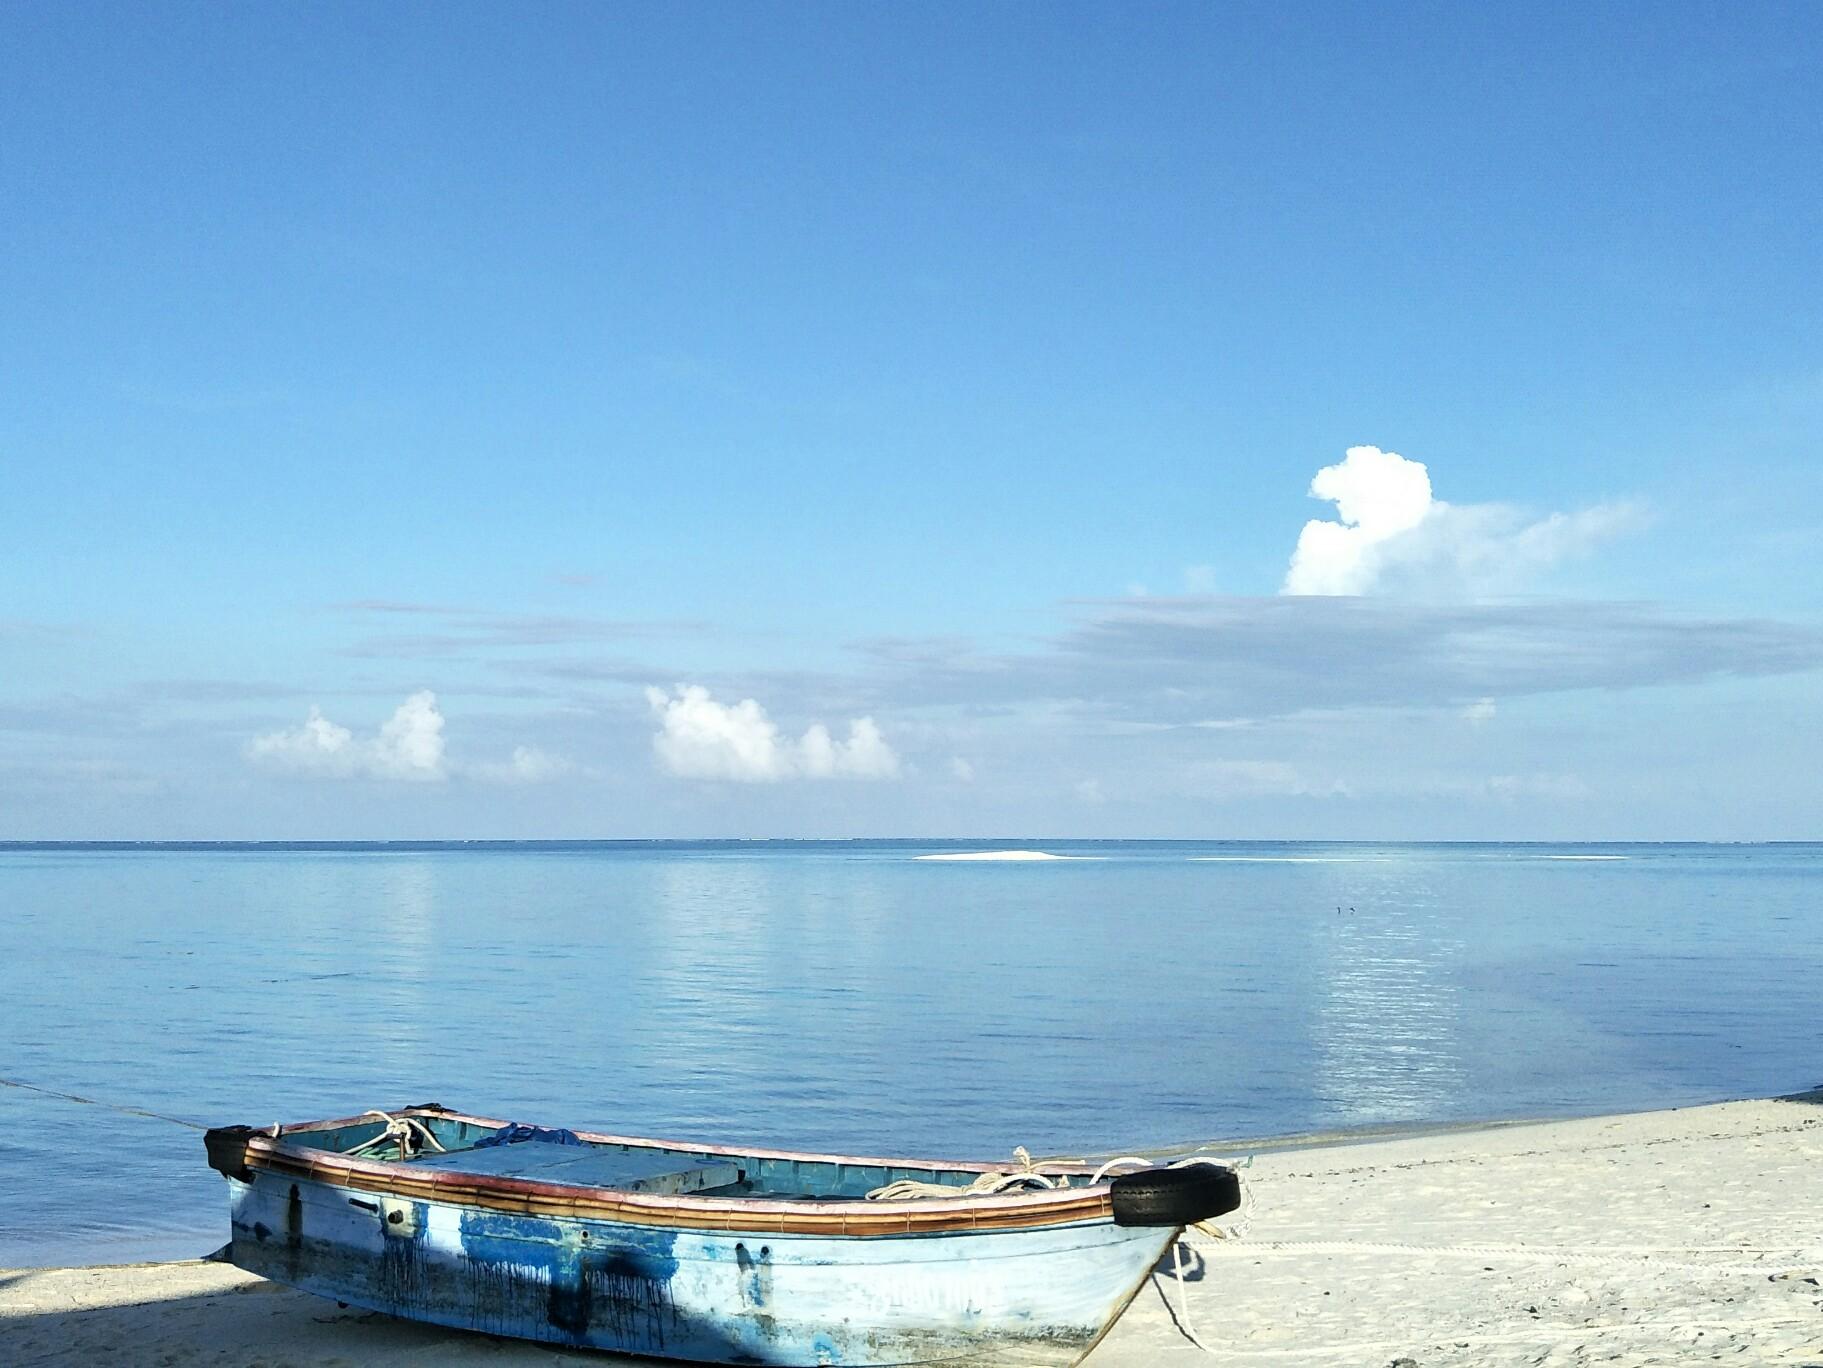 西沙群岛 在海的远处,水是那么蓝,像最美丽的矢车菊的花瓣,同时又是那么清,像最明亮的玻璃。、那里生长着最奇异的树木和植物所有的大鱼、小鱼在这些枝子中间游来游去,就像天空的飞鸟。这是安徒生童话也是对西沙群岛最准确的描写。